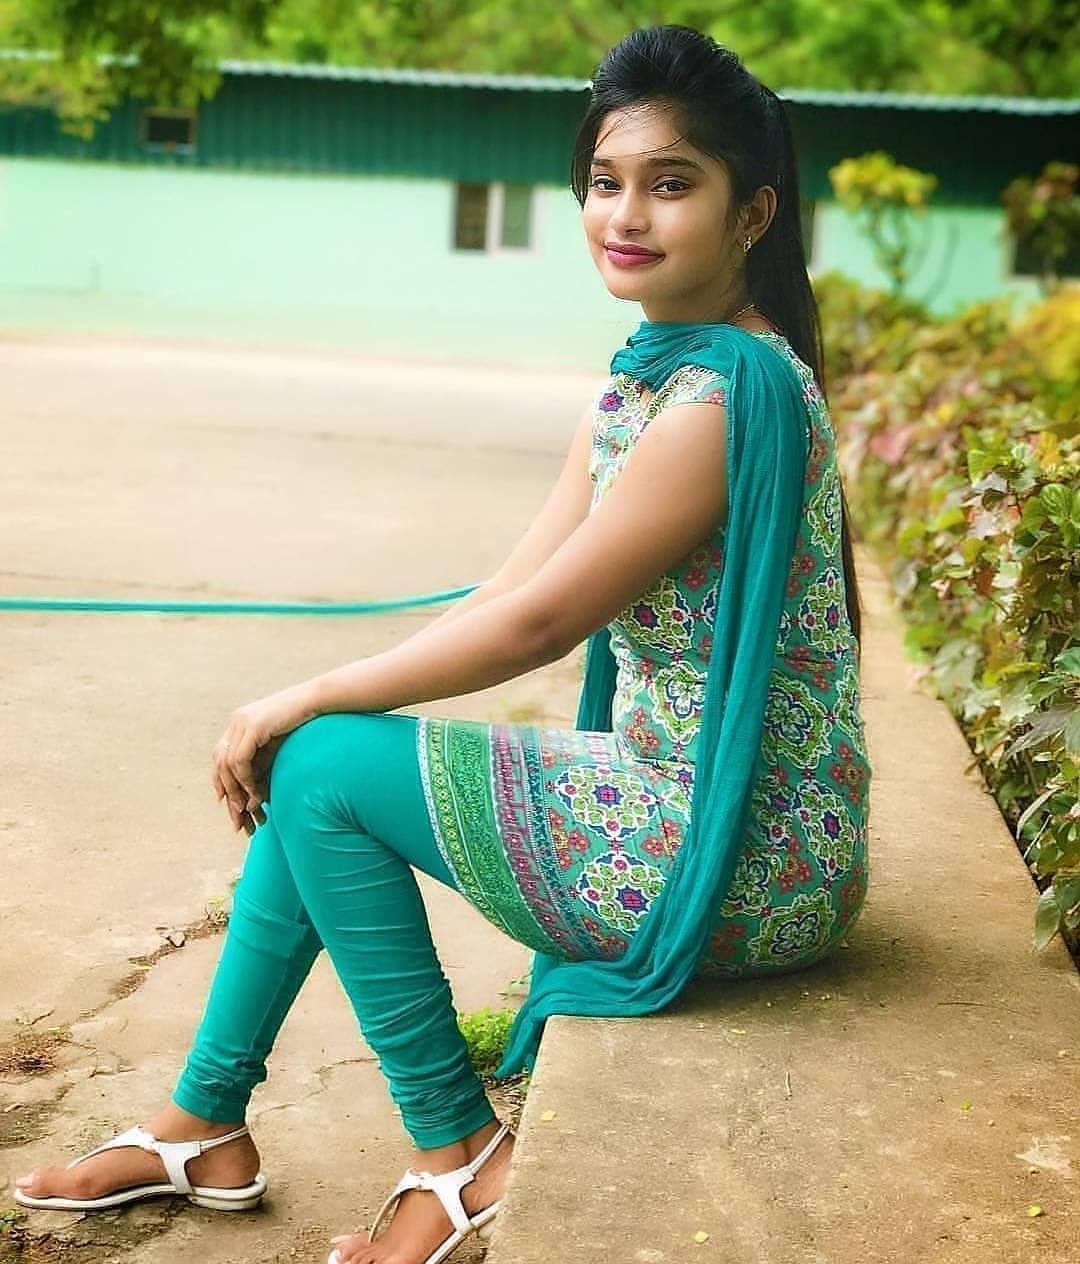 Free marathi sexy images — img 5